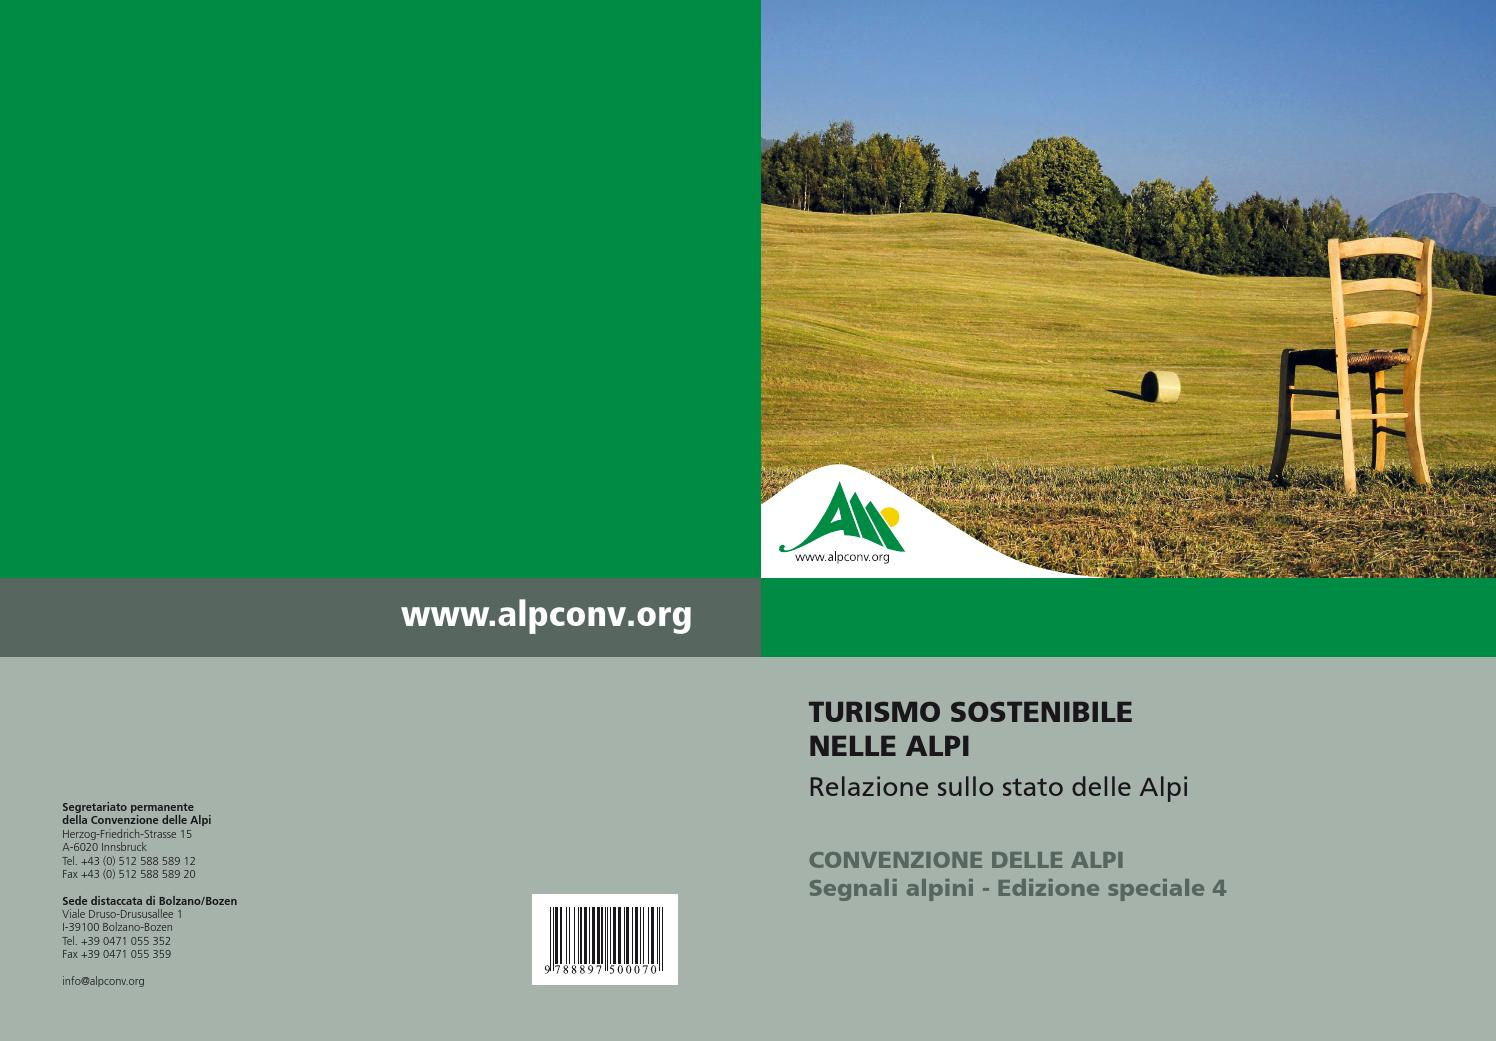 RSA4 - Turismo Sostenibile nelle Alpi by Permanent Secretariat of the  Alpine Convention - issuu eb82c693b502